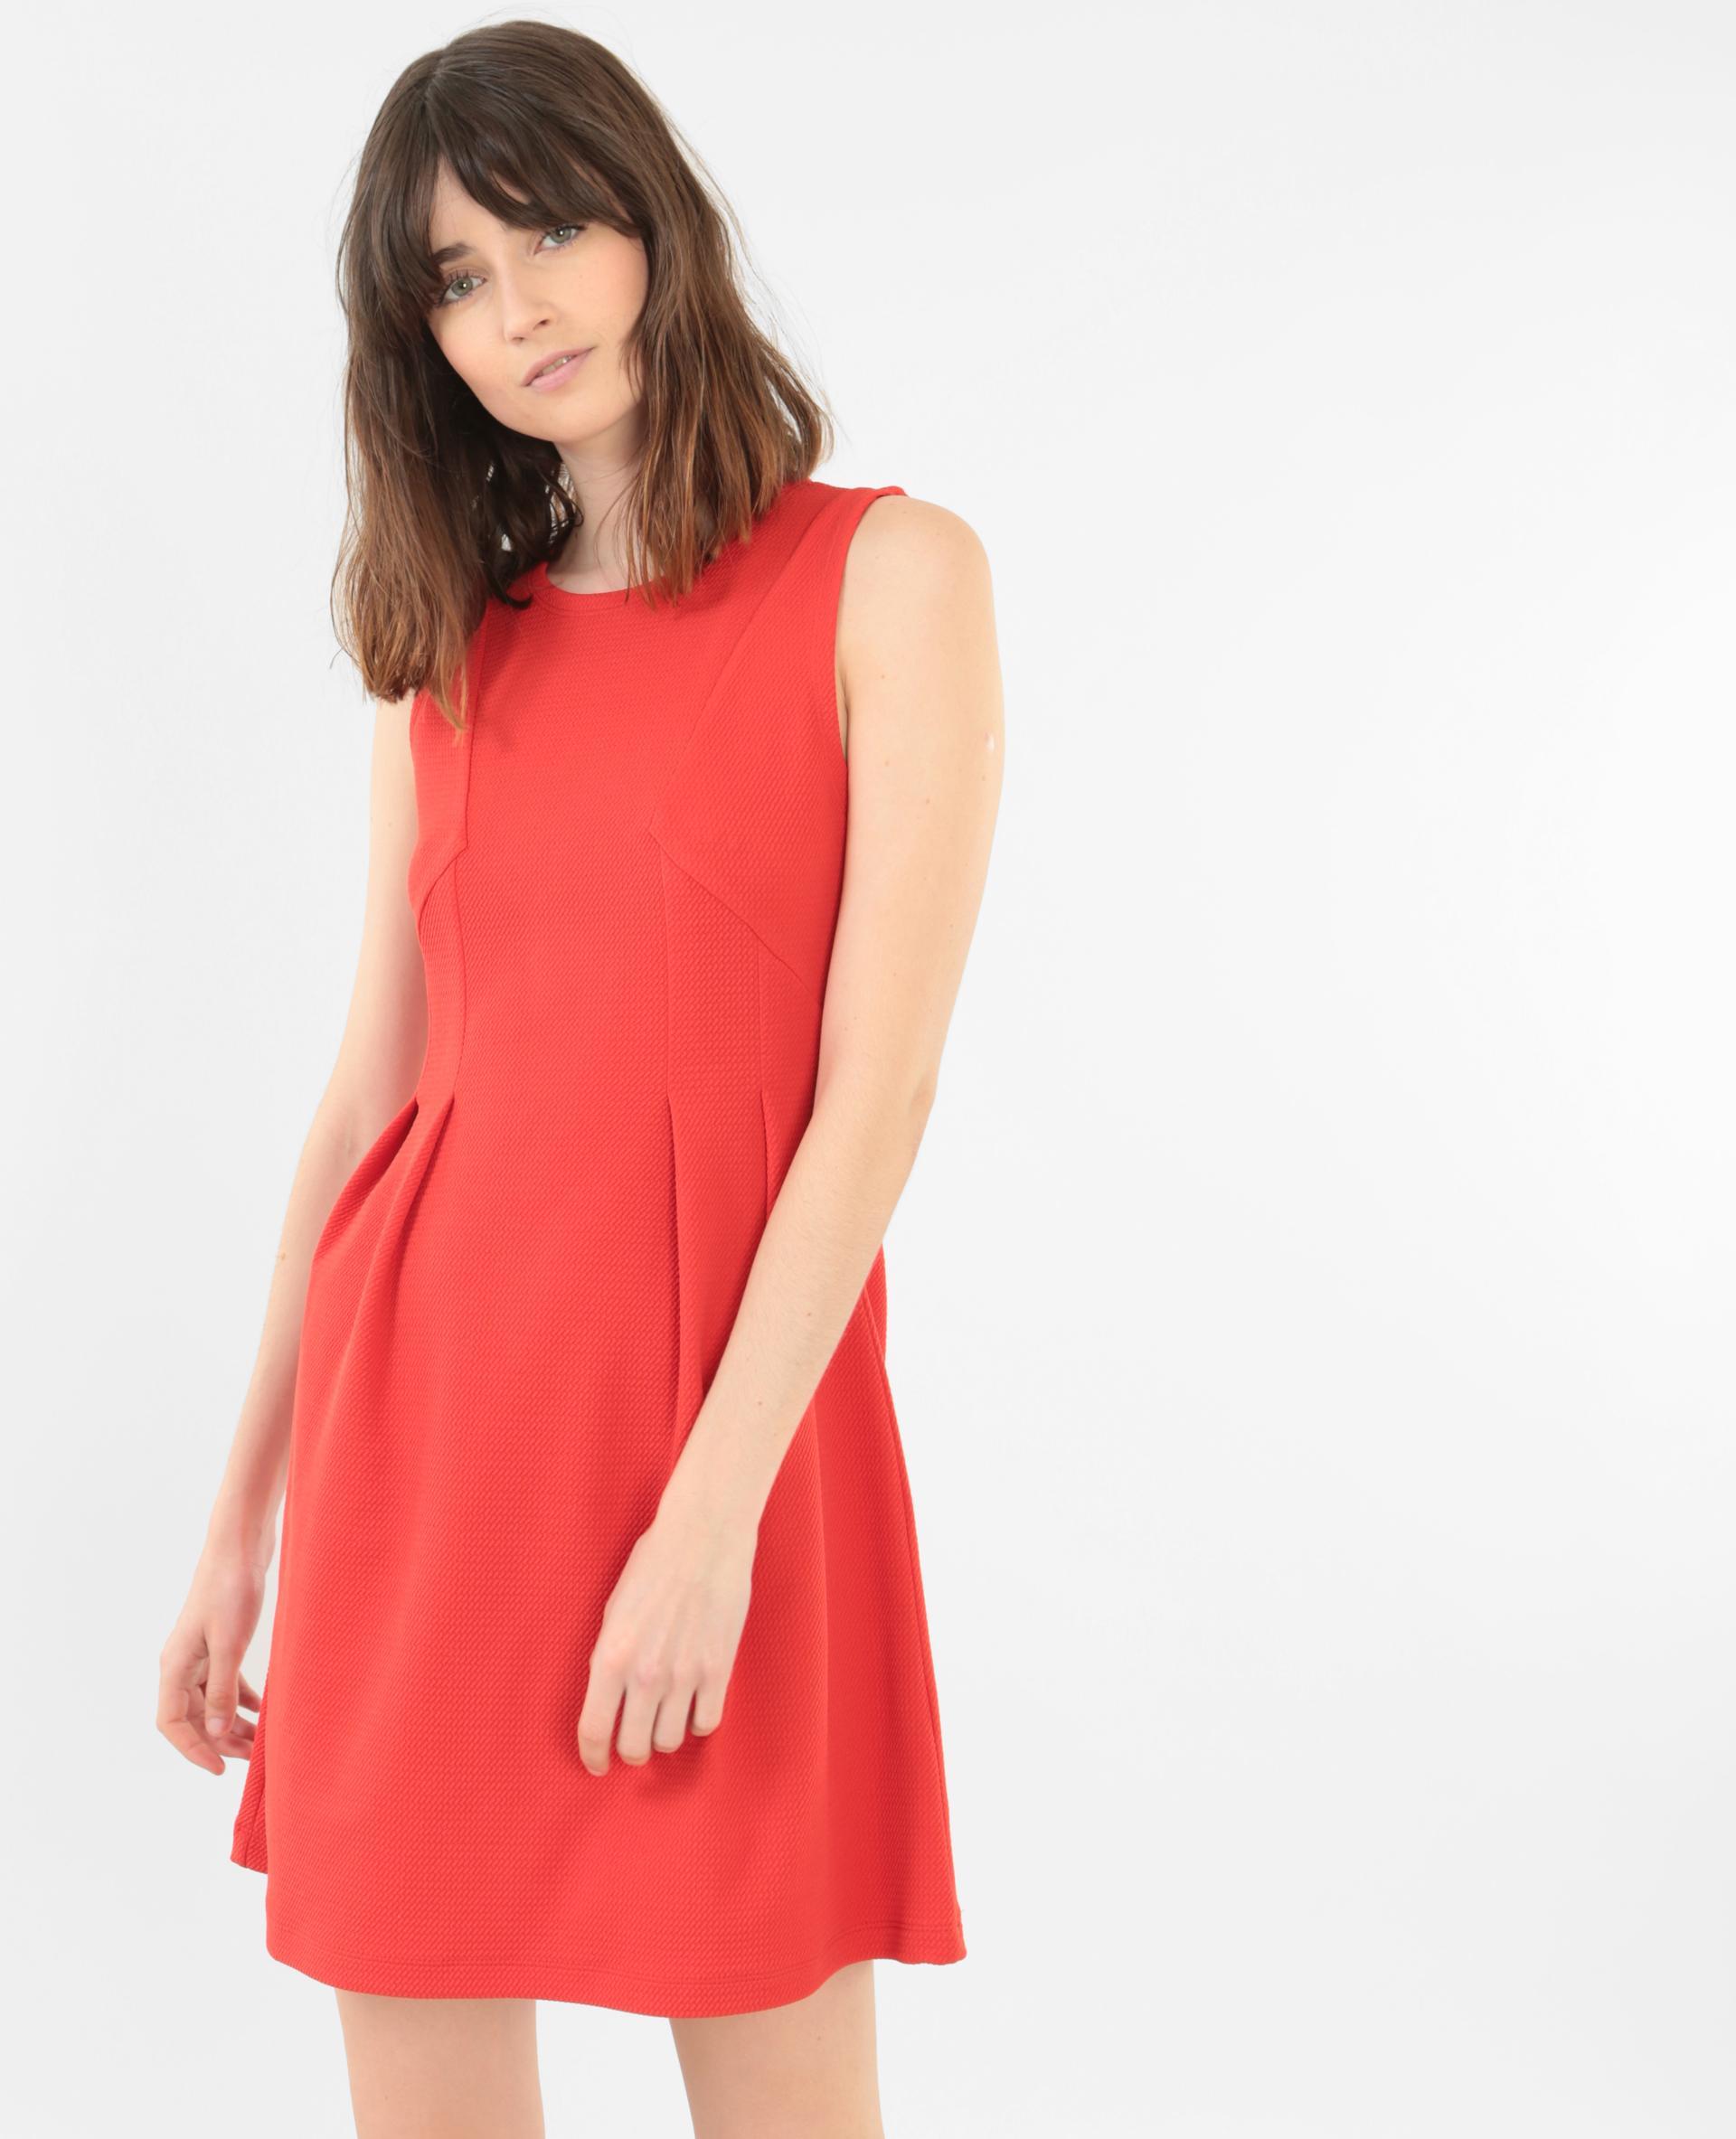 Robe rouge pimkie